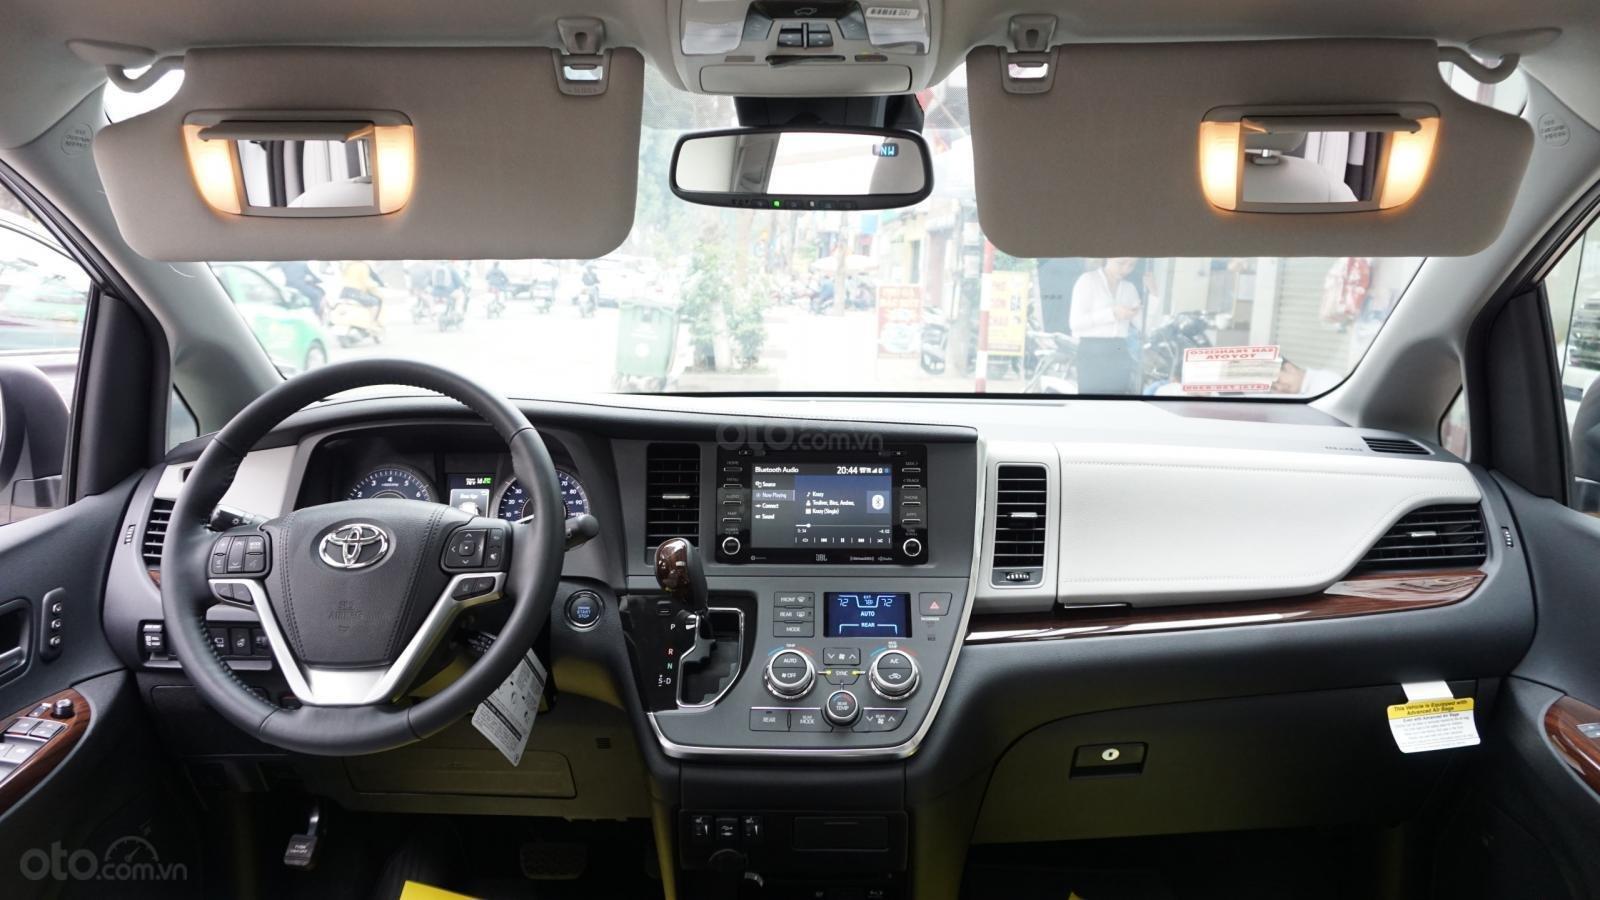 Bán Toyota Sienna Limited 1 cầu 2020 giao ngay, giá tốt nhất, LH 094.539.2468 Ms Hương (10)